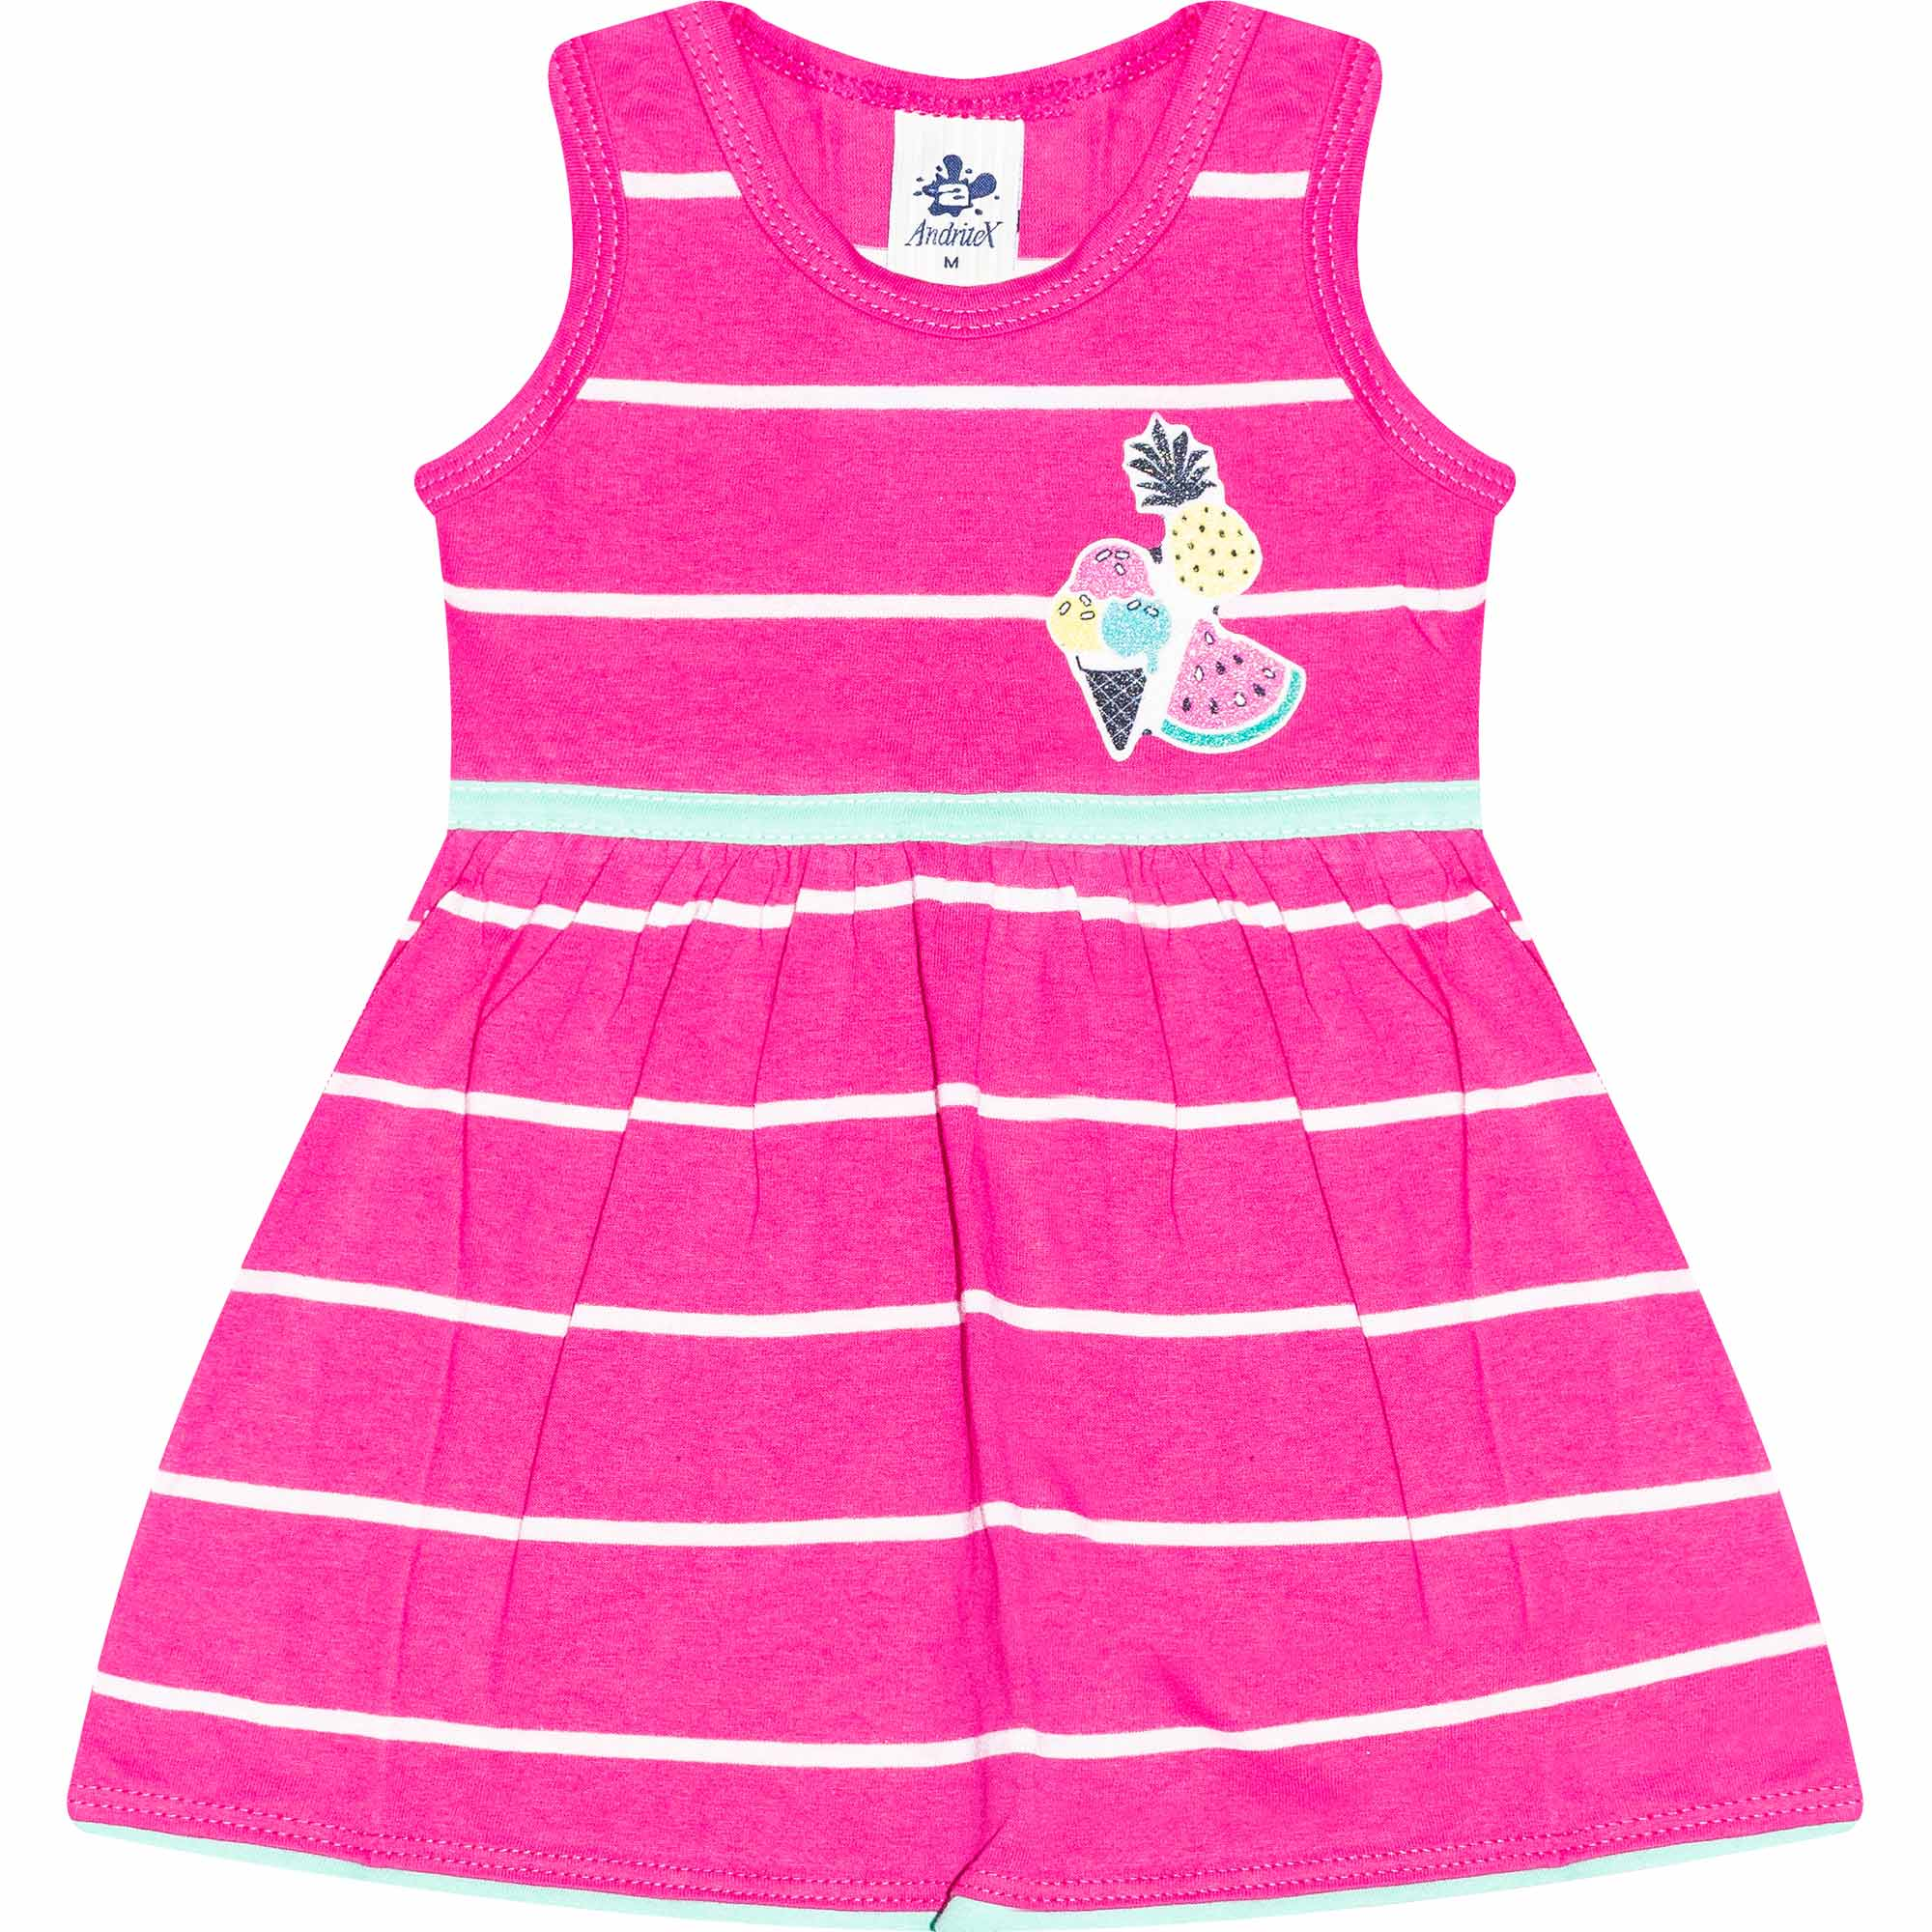 Vestido Infantil Feminino Listras - Ref 4808 - Rosa - Andritex